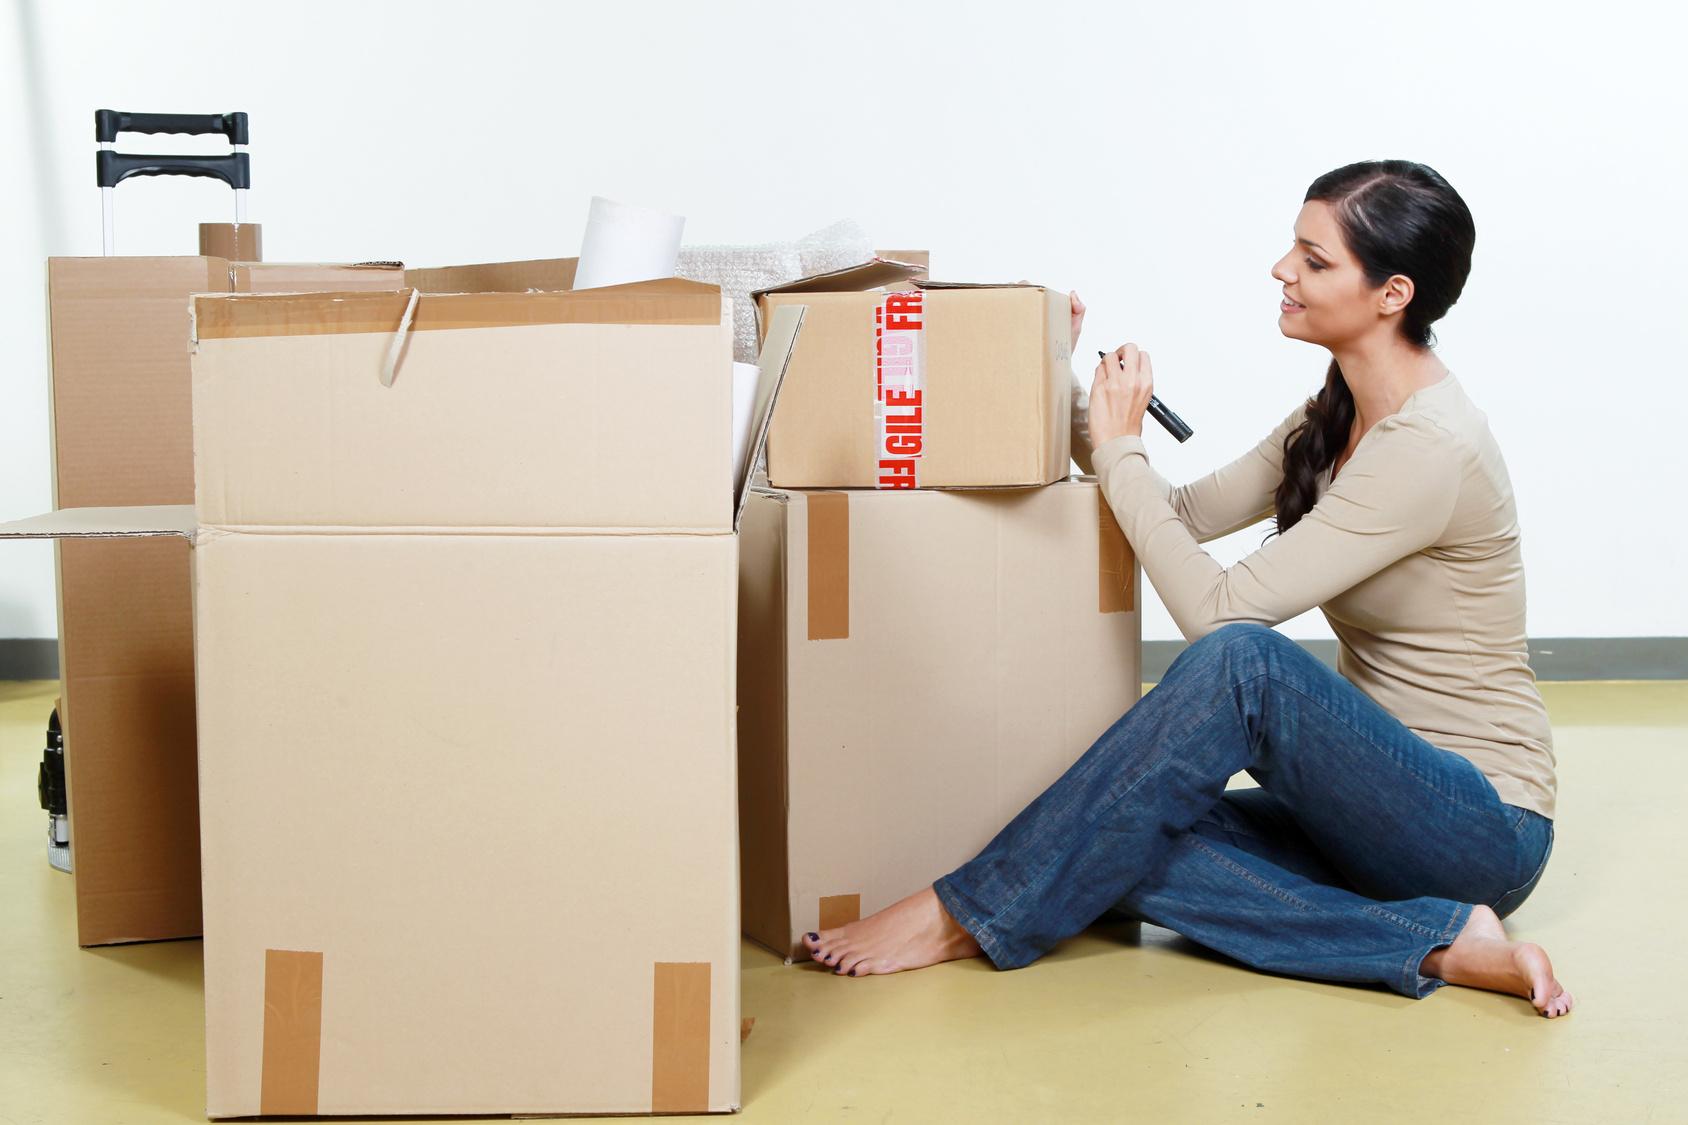 [billet sponsorisé] Homebox, votre solution de stockage mobilier